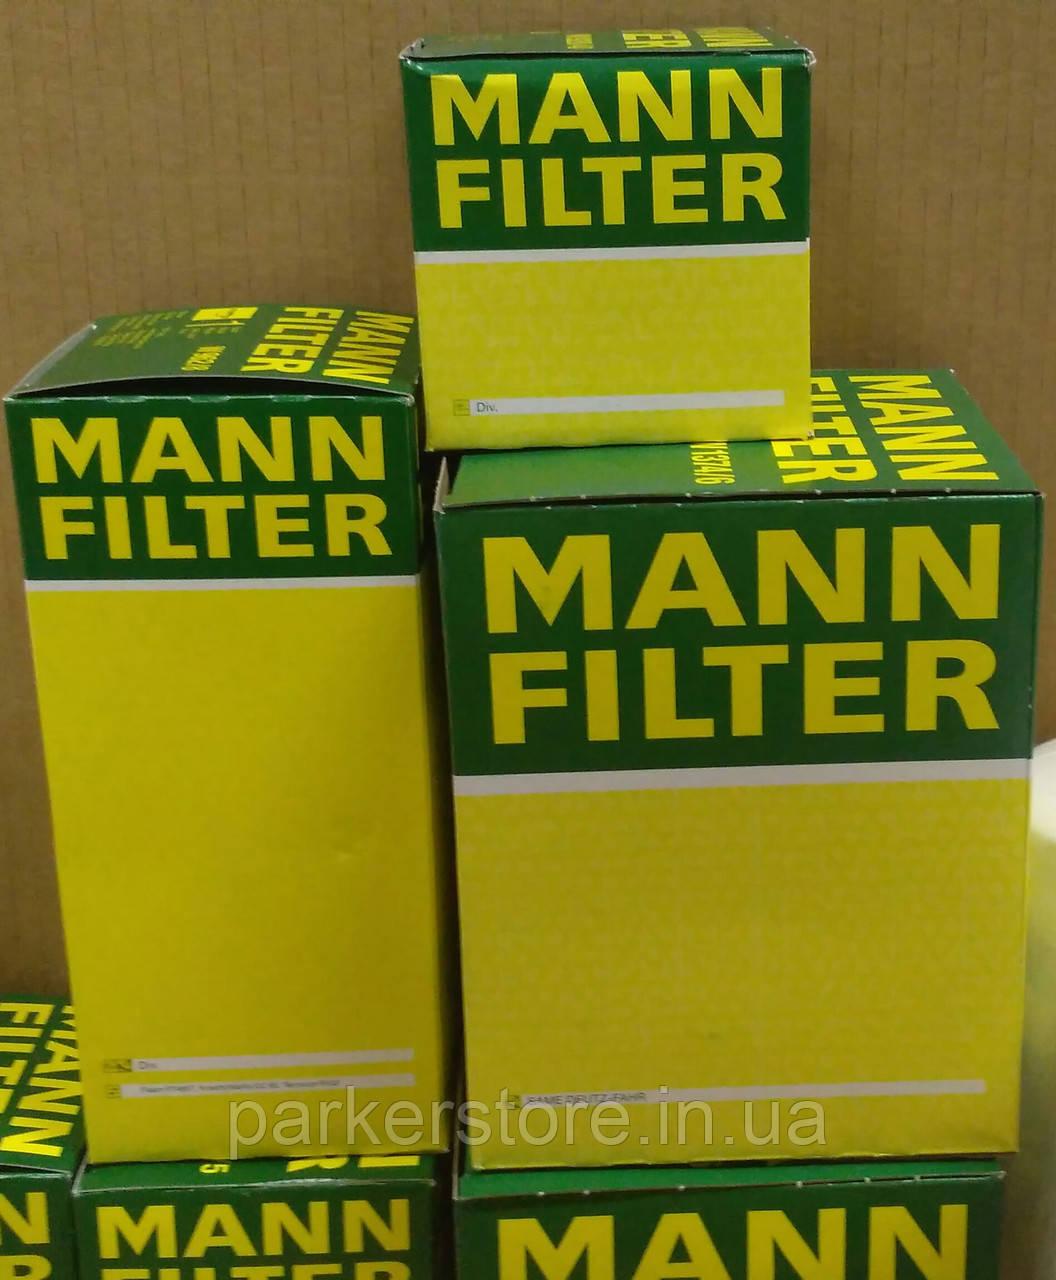 MANN FILTER / Повітряний фільтр / C 2943 / C2943